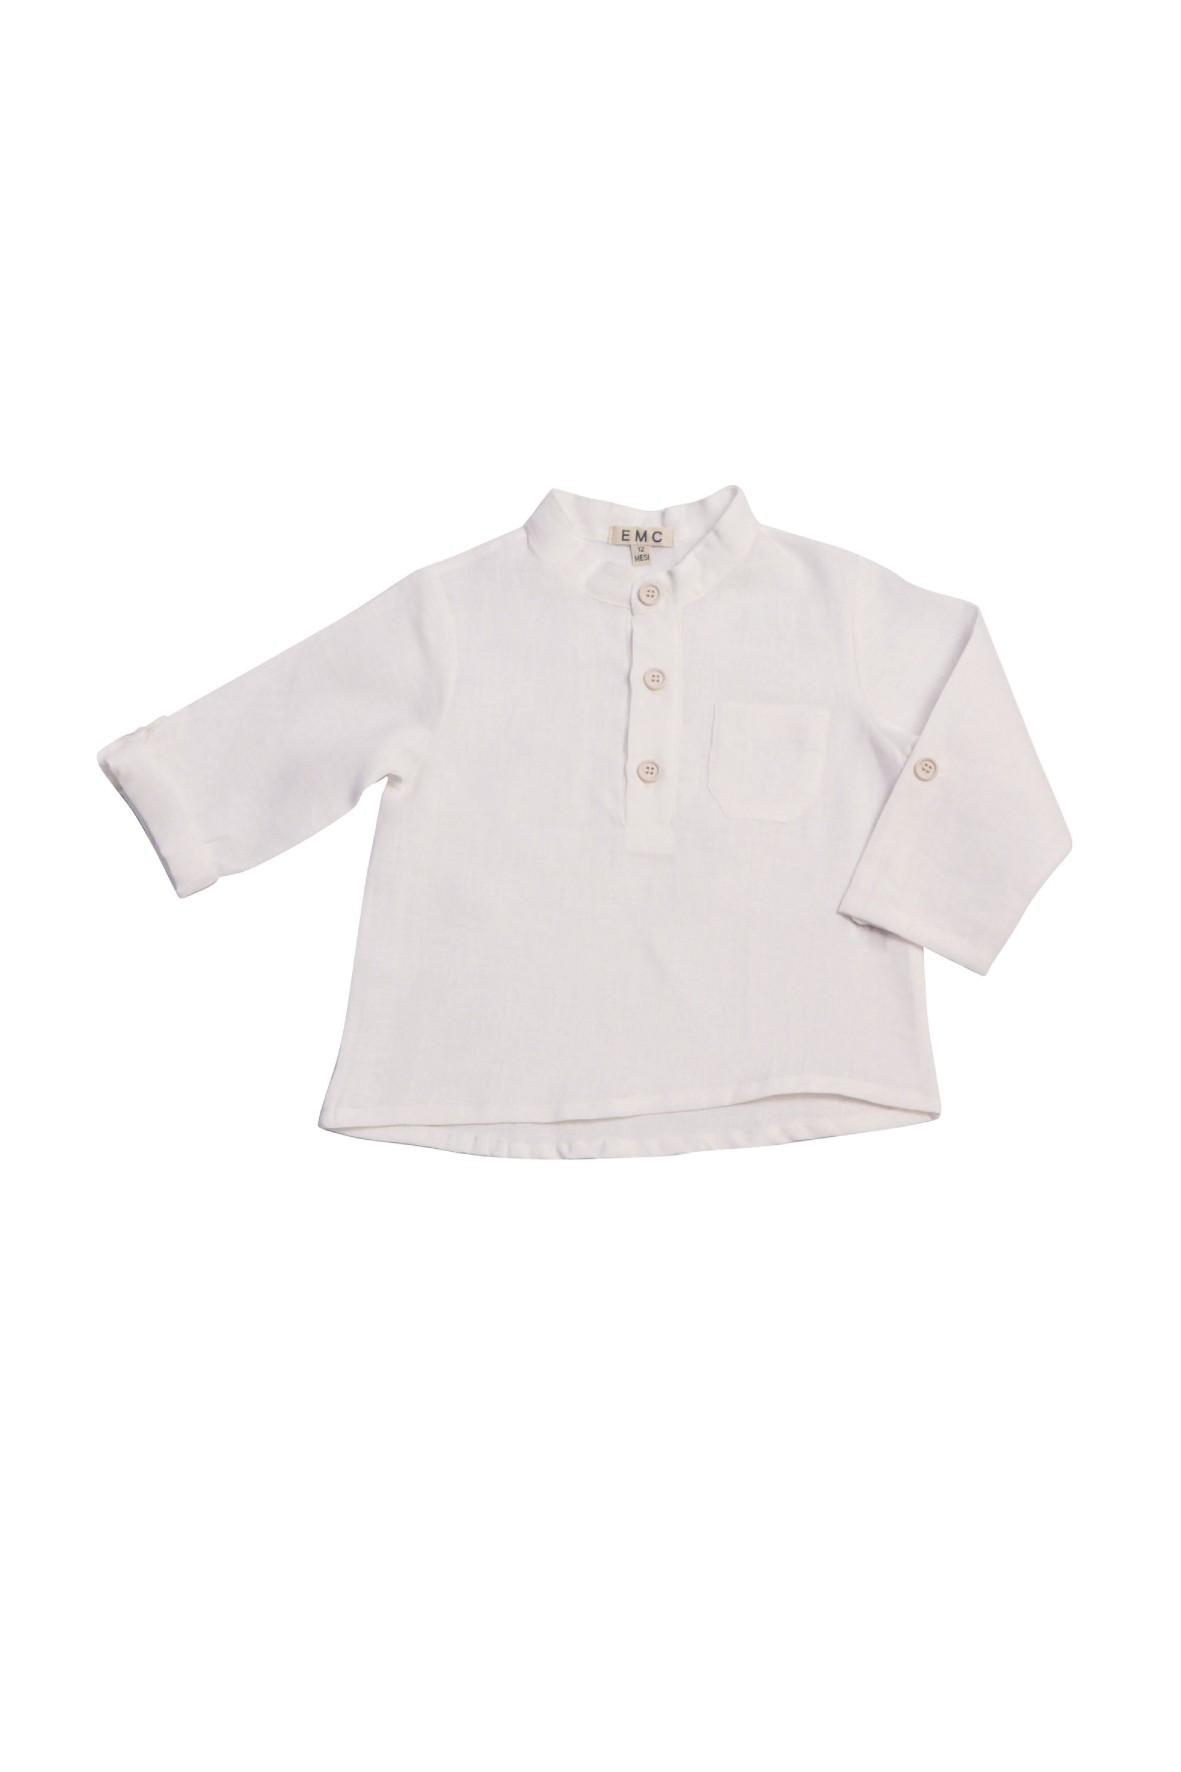 Biała koszula lniana dla chłopca